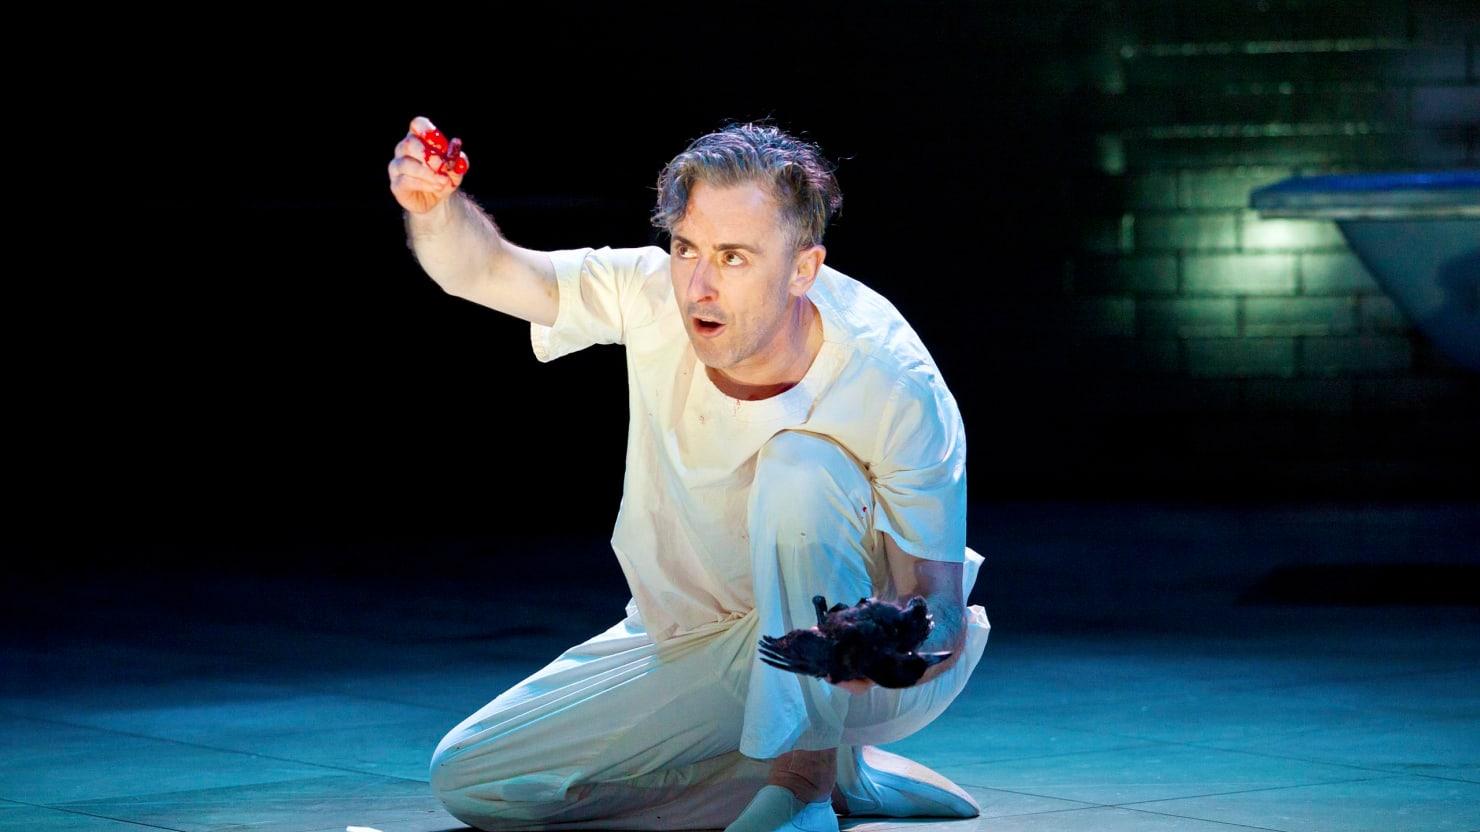 AO lidar com diálogos e ação dramática , leia William Shakespeare, que continua sendo uma das maiores referencias de erudição na redação de textos teatrais.